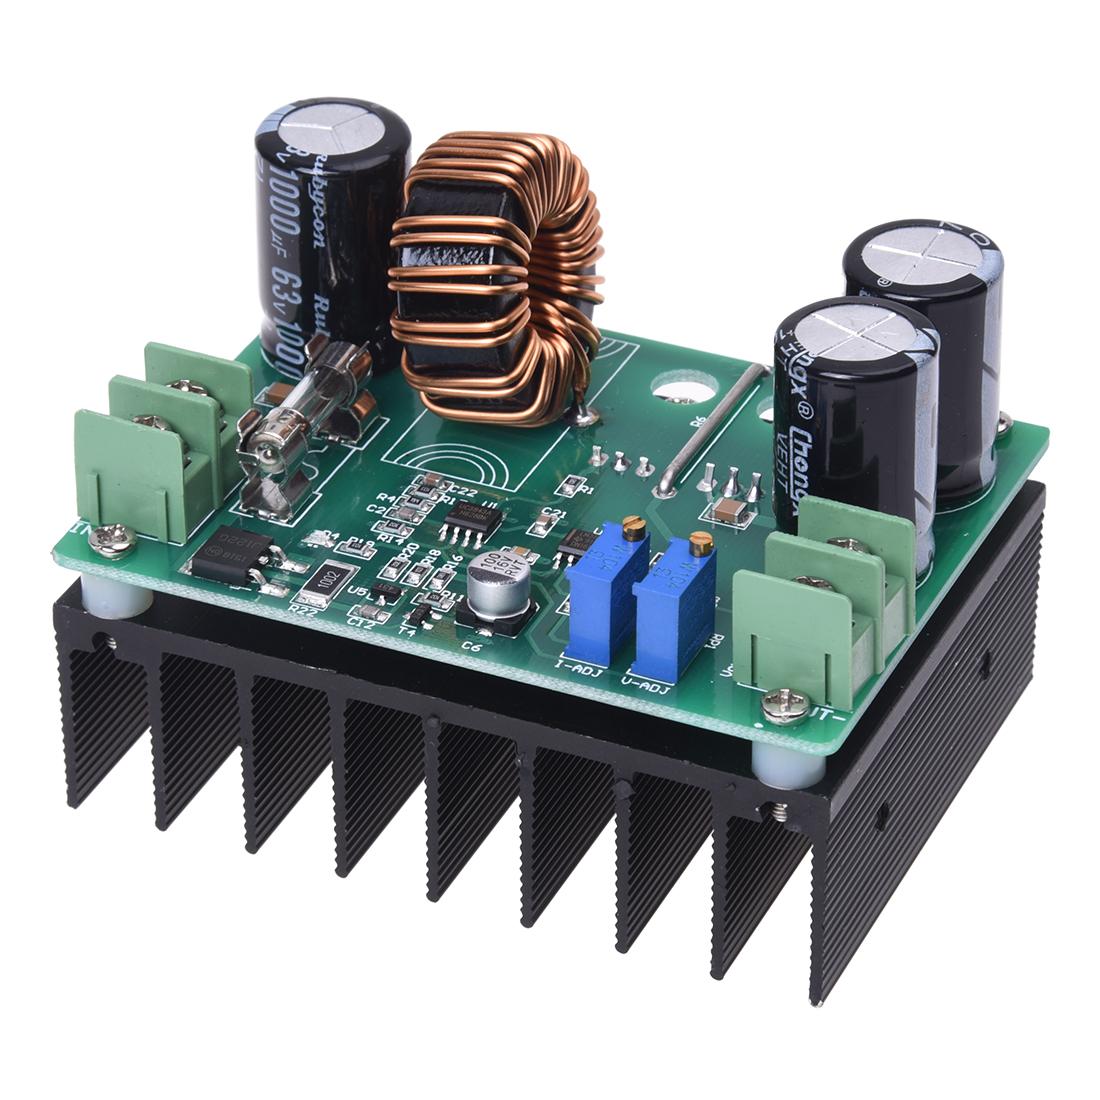 Power Amplifier Keluar Dc : 600w dc dc boost converter step up power amplifier module power supply r5m3 ebay ~ Hamham.info Haus und Dekorationen